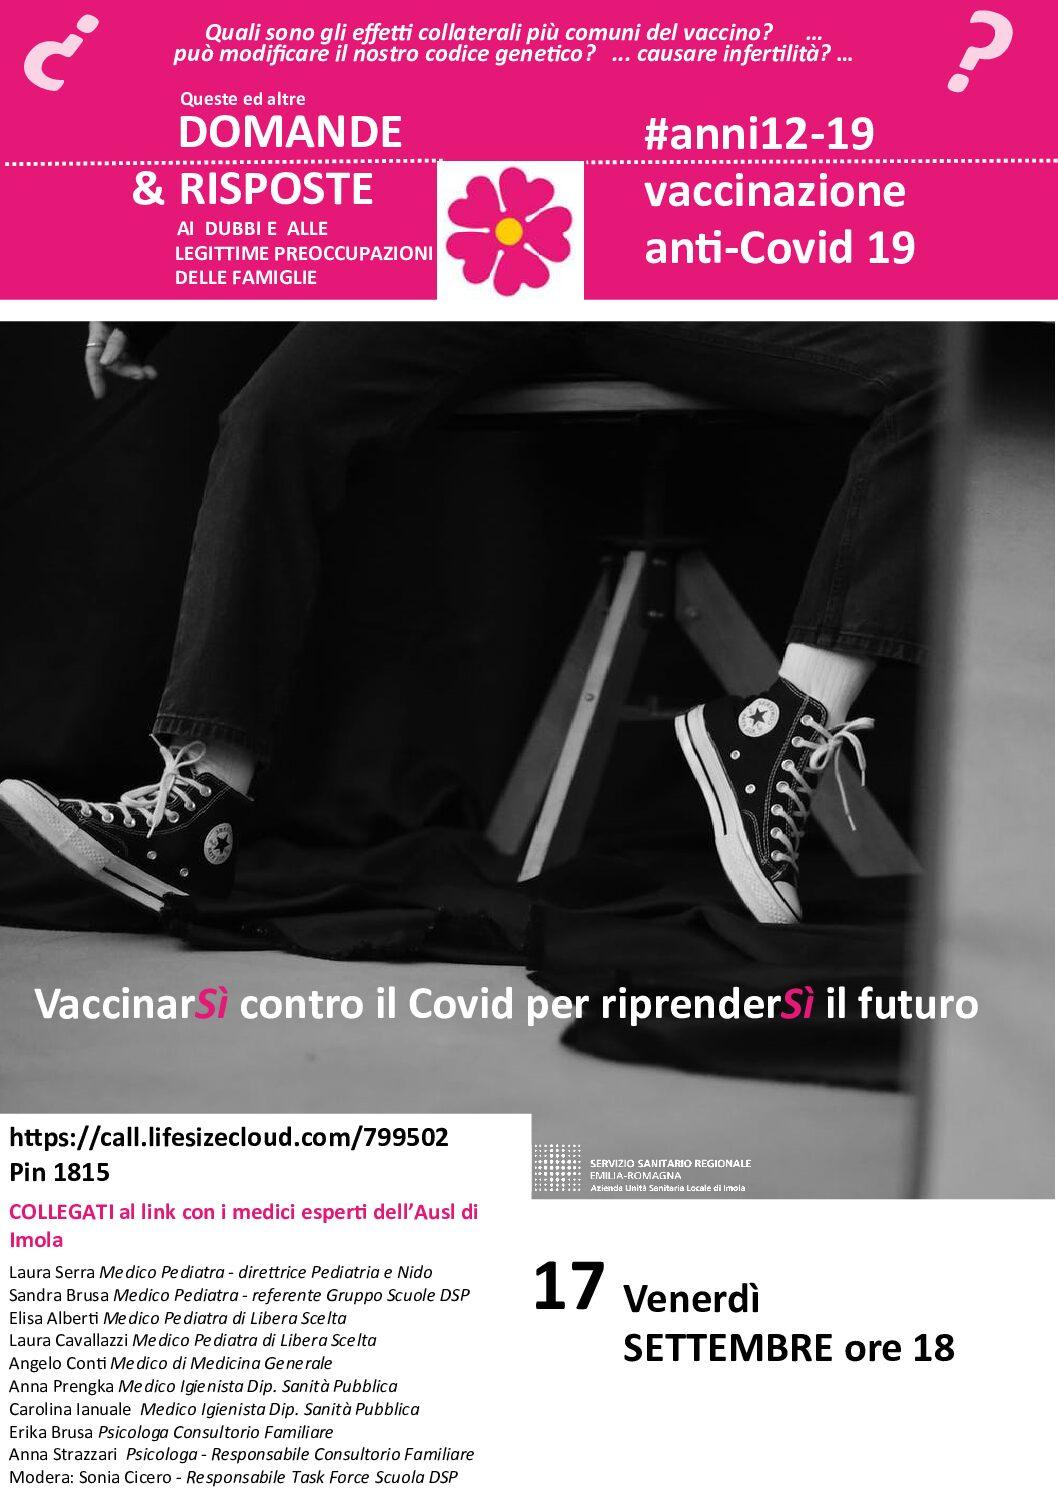 VaccinarSÌ contro il Covid: videocall aperta a scuole e genitori venerdì 17 settembre ore 18